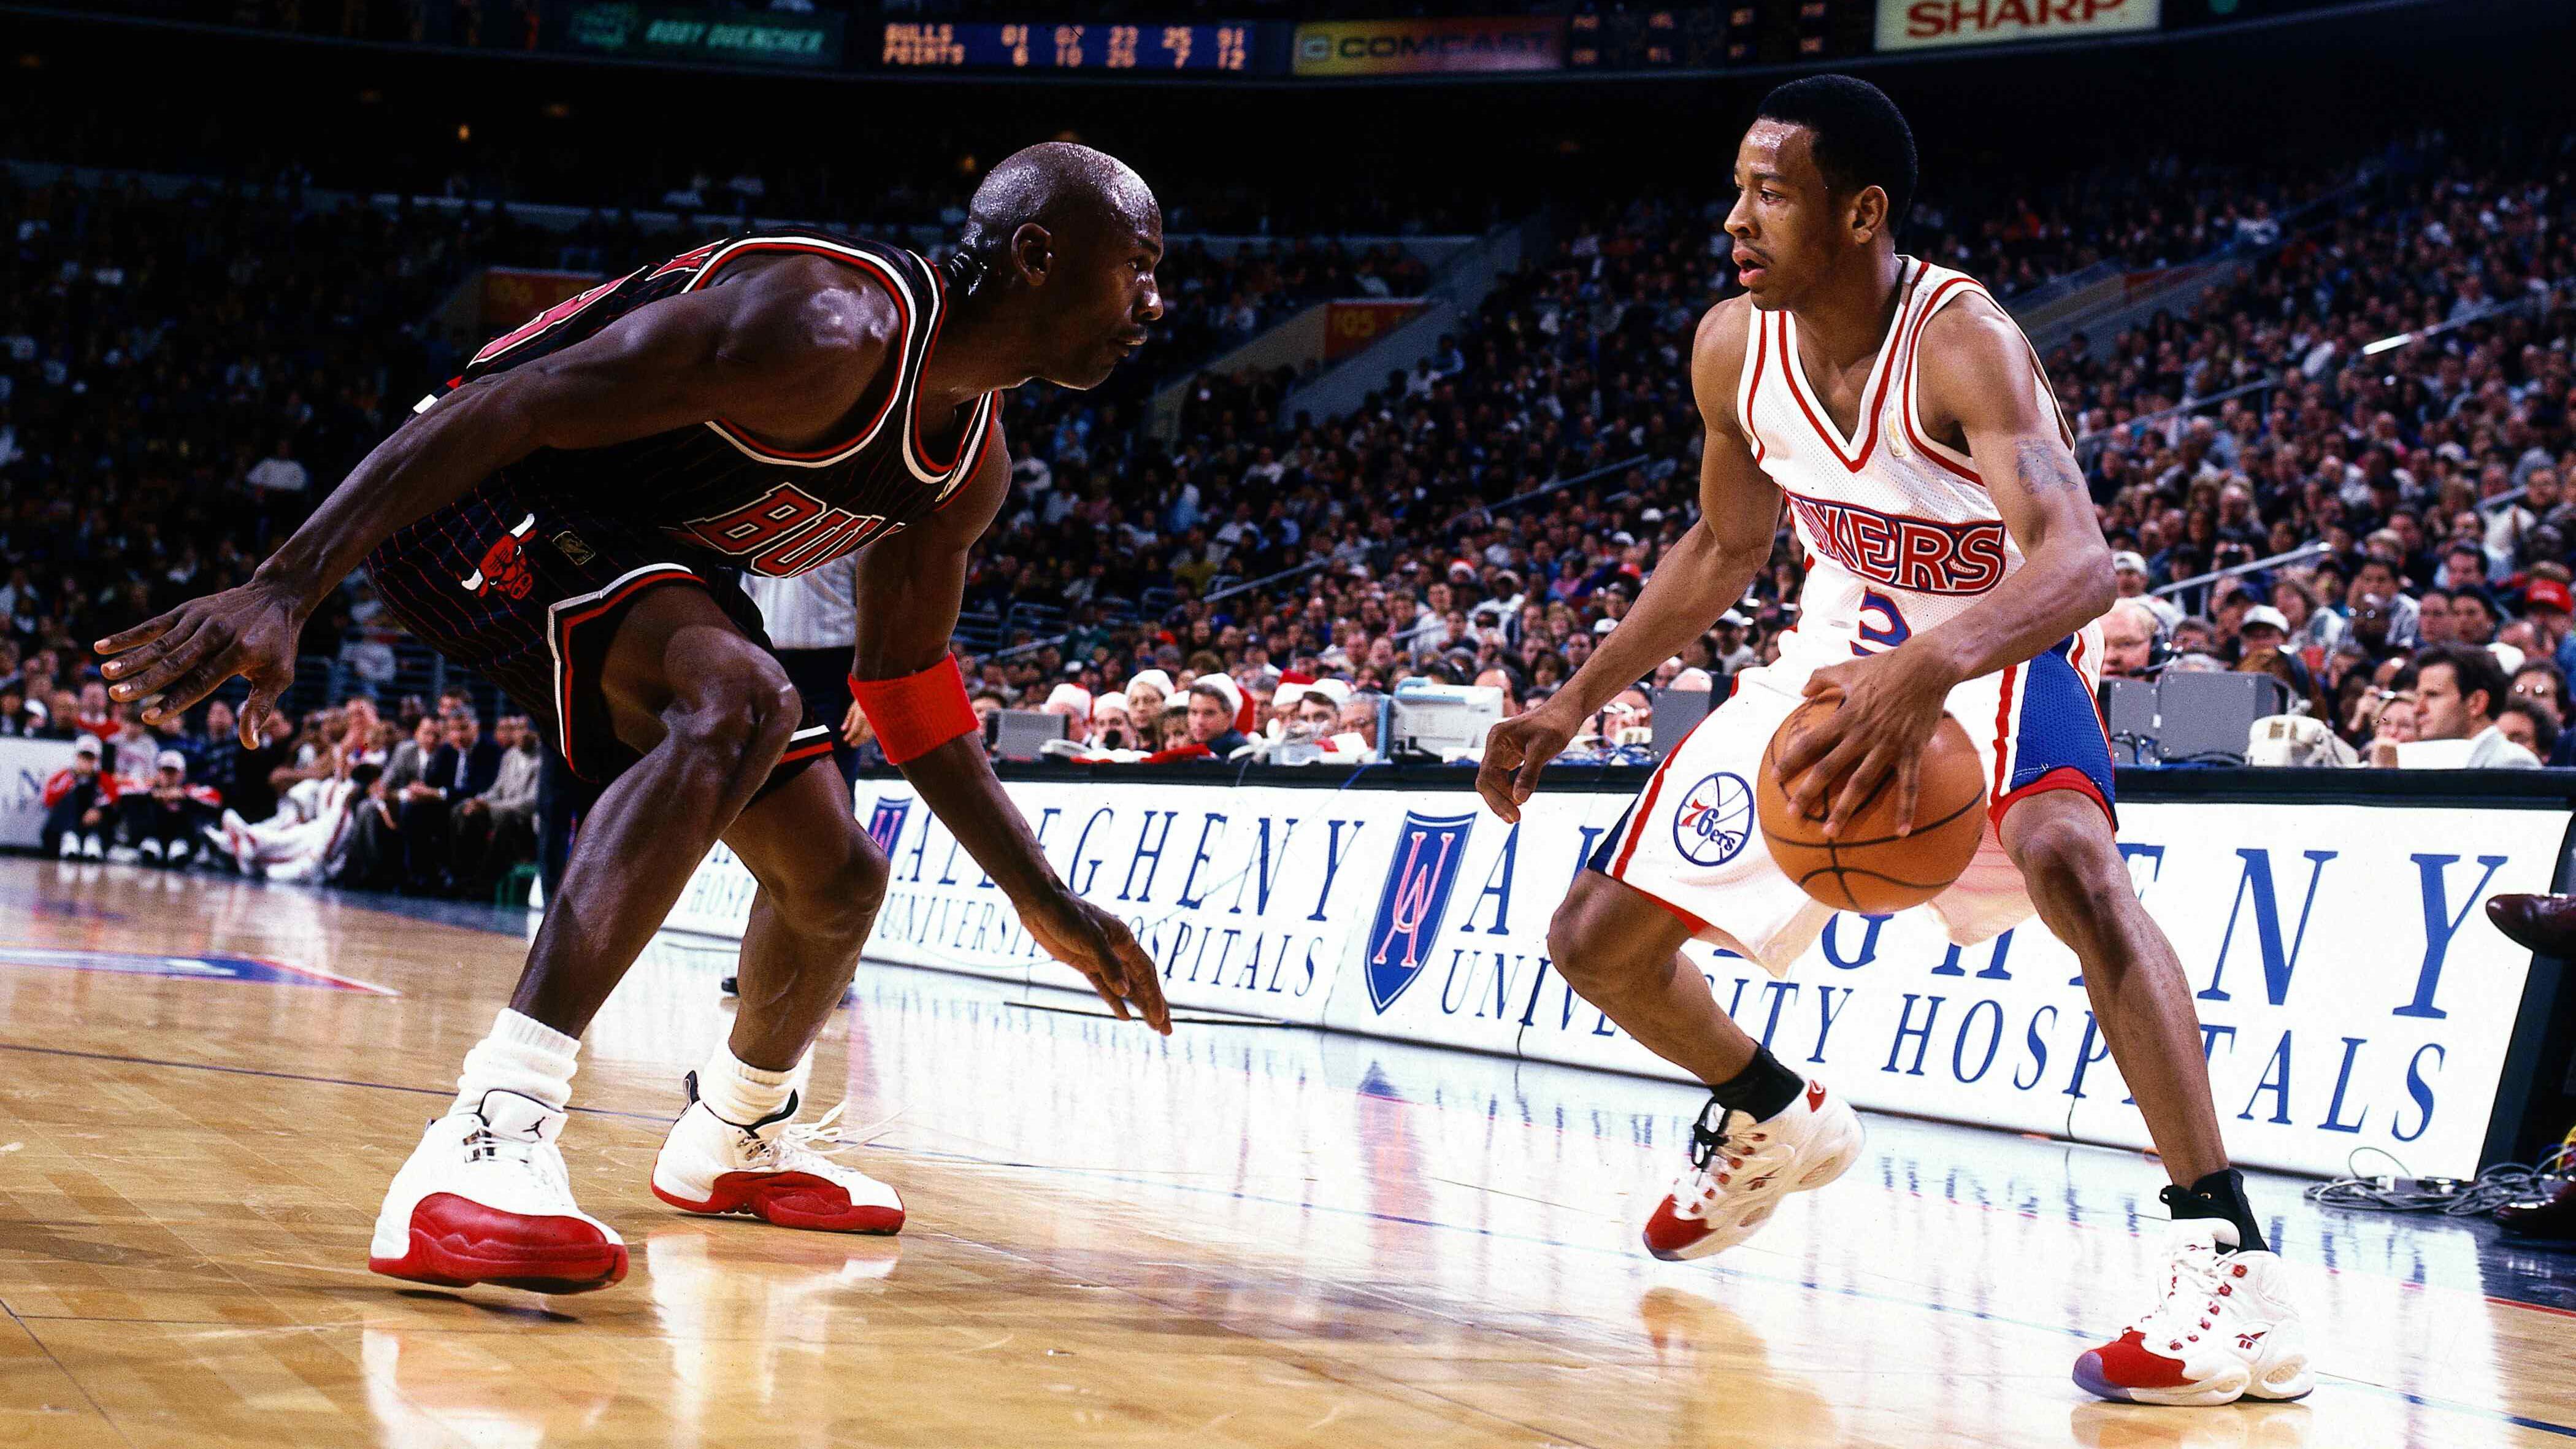 關於四大分衛那些可笑的謠言!「戰神」Iverson擁有普通人身材,Kobe天賦很一般!